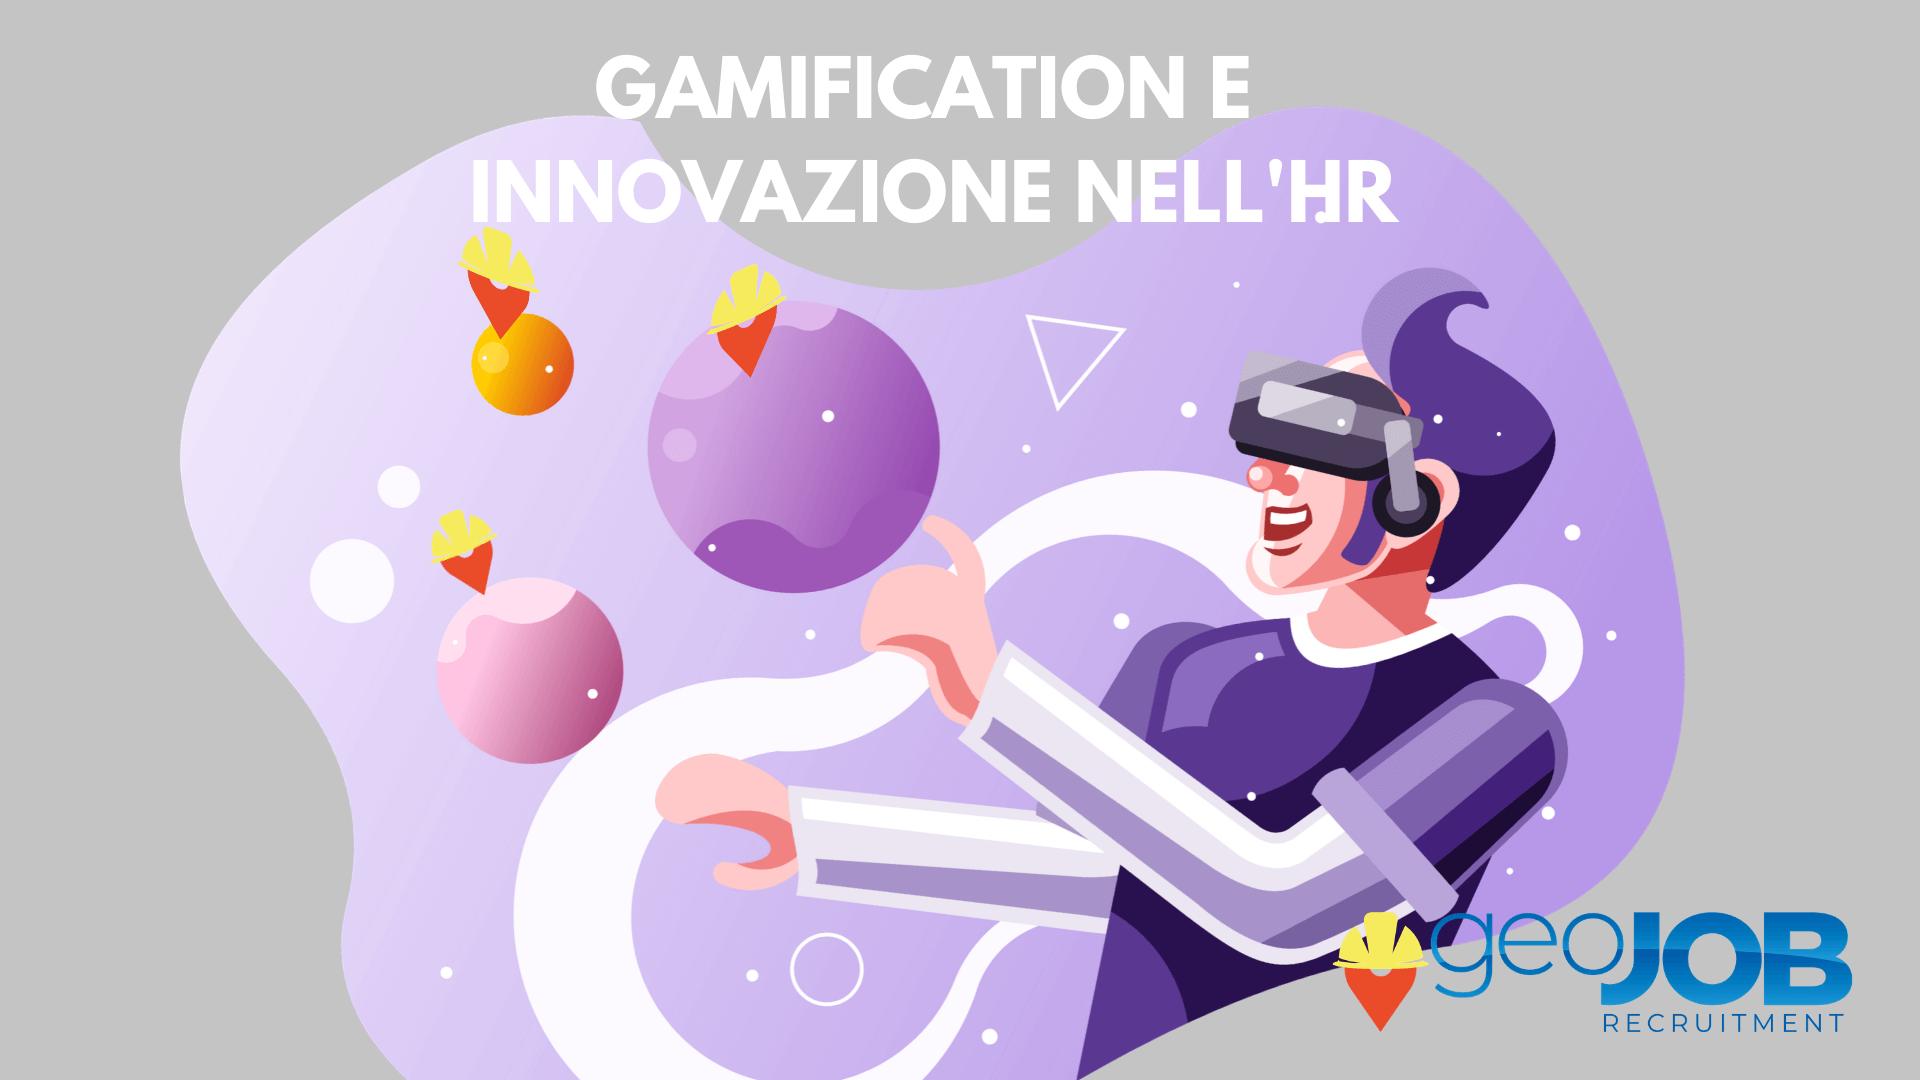 Innovazione nel recruiting. Come sfruttare la gamification